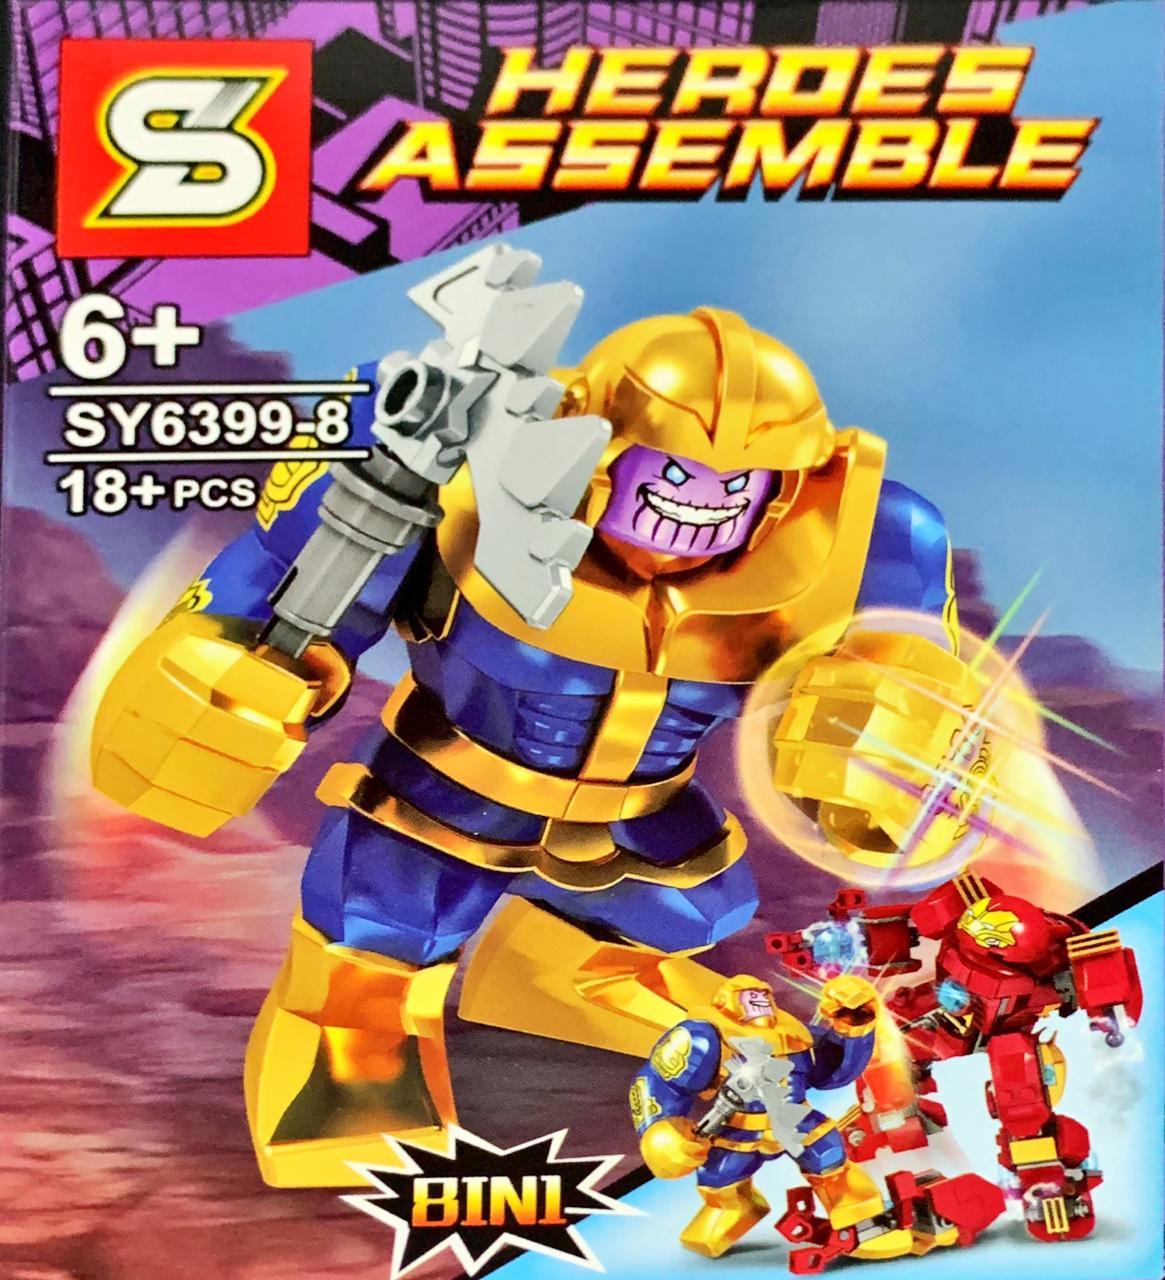 Bloco de Montar Heroes Assemble: Thanos (SY6399-8) - (18 Peças)